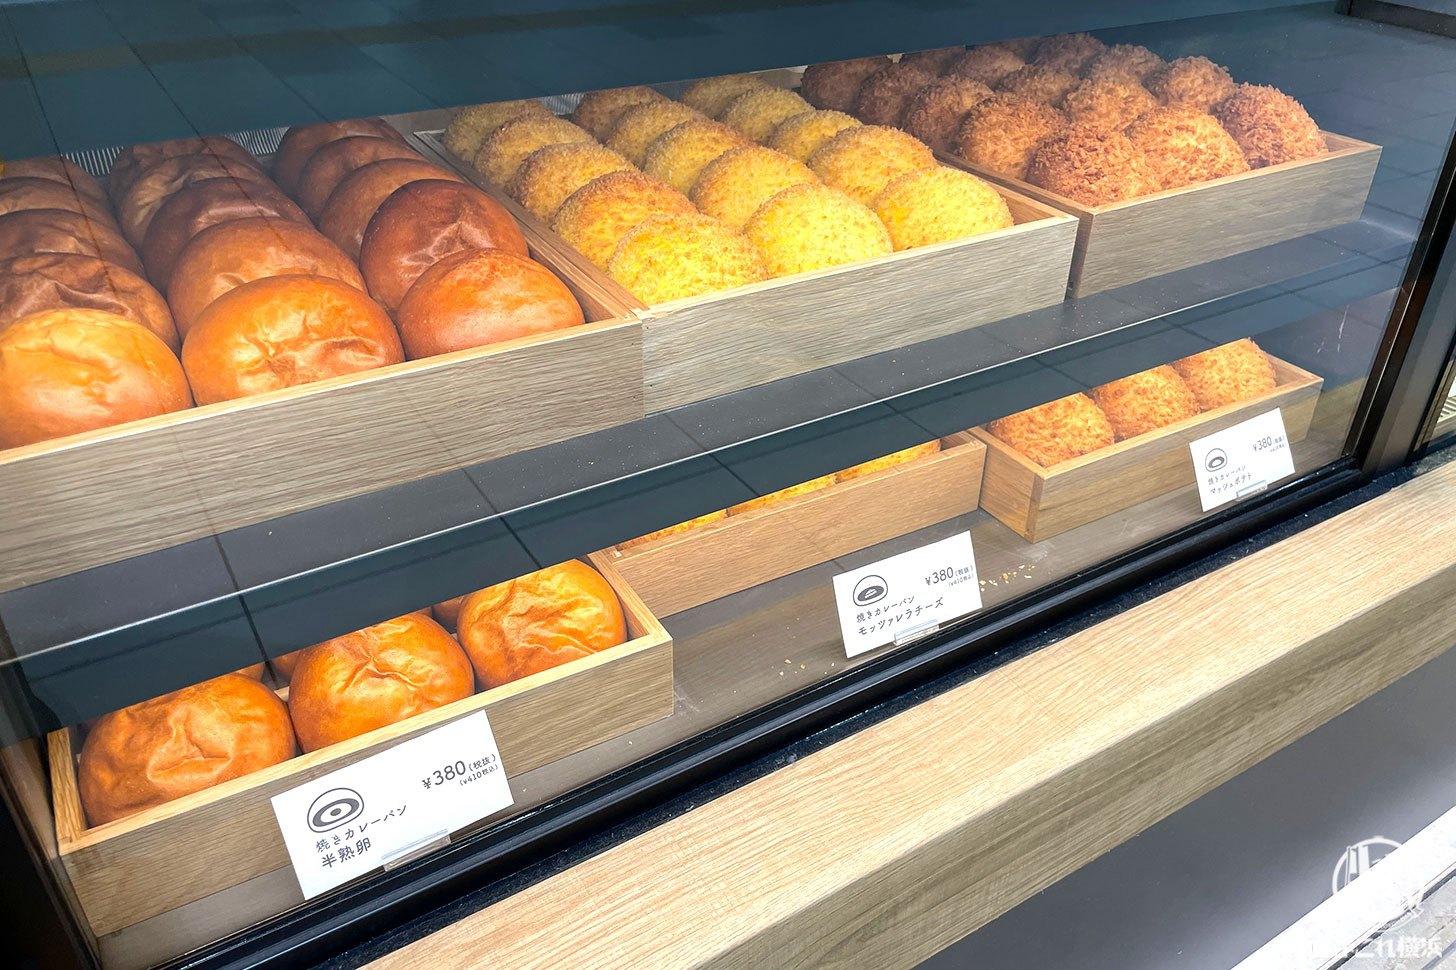 エッグセレント横浜店 ショーケースに並ぶ焼きカレーパン